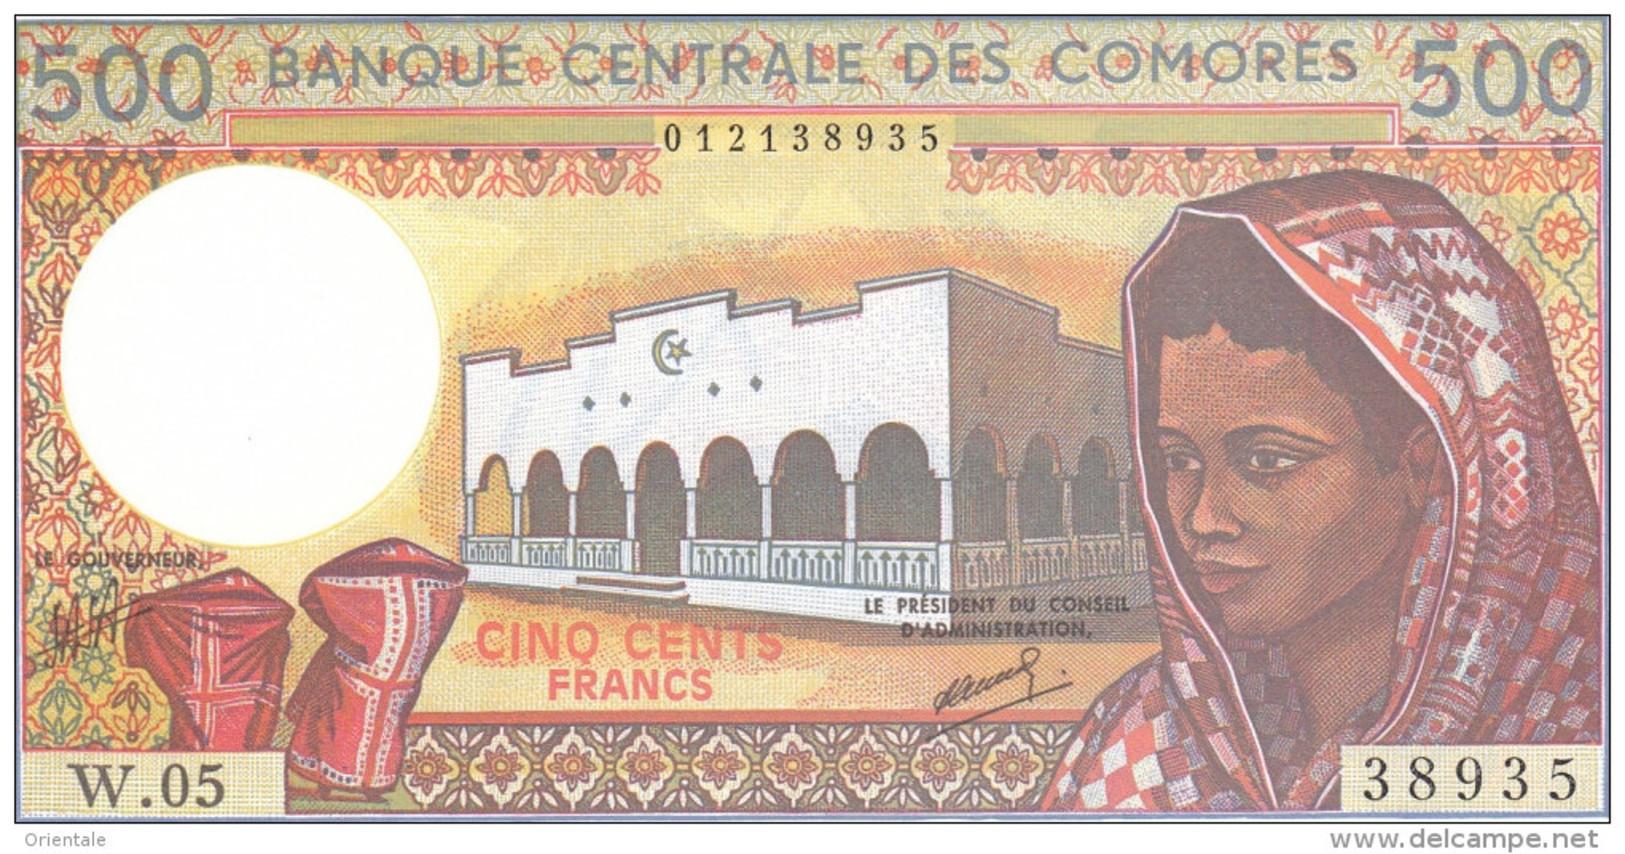 COMOROS P. 10b 500 F 1994 UNC (s. 9) - Comores